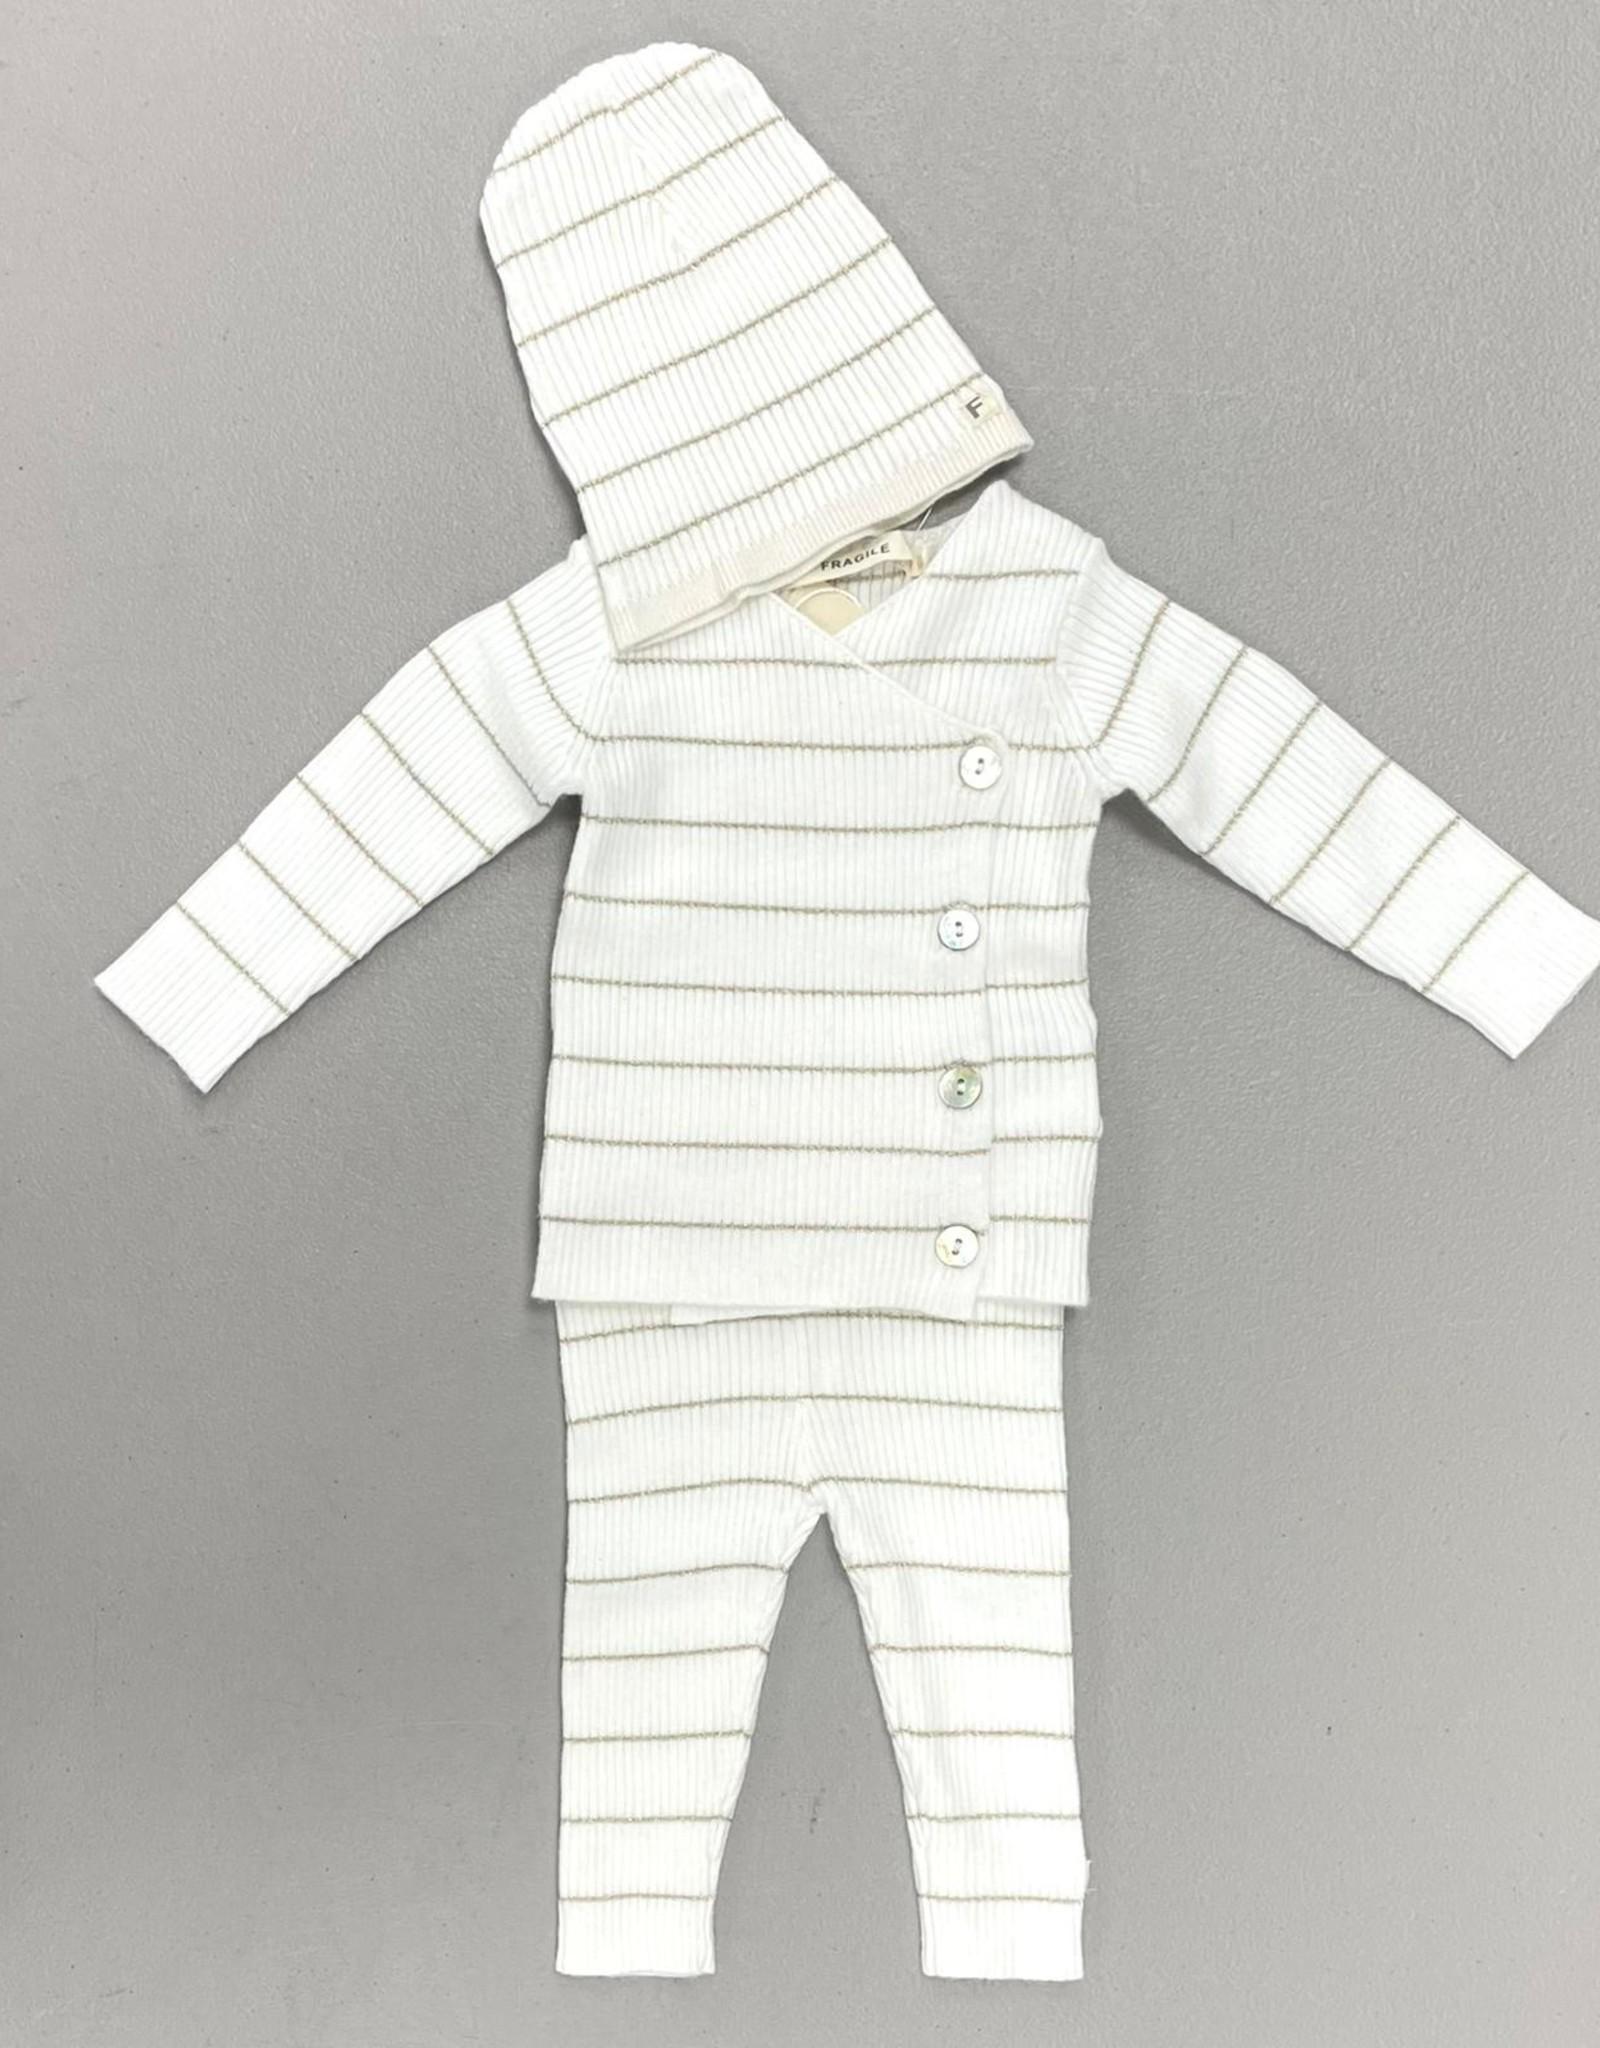 FRAGILE Fragile Lurex Stripe Ribbed Knit 3 Piece Set with V Neck